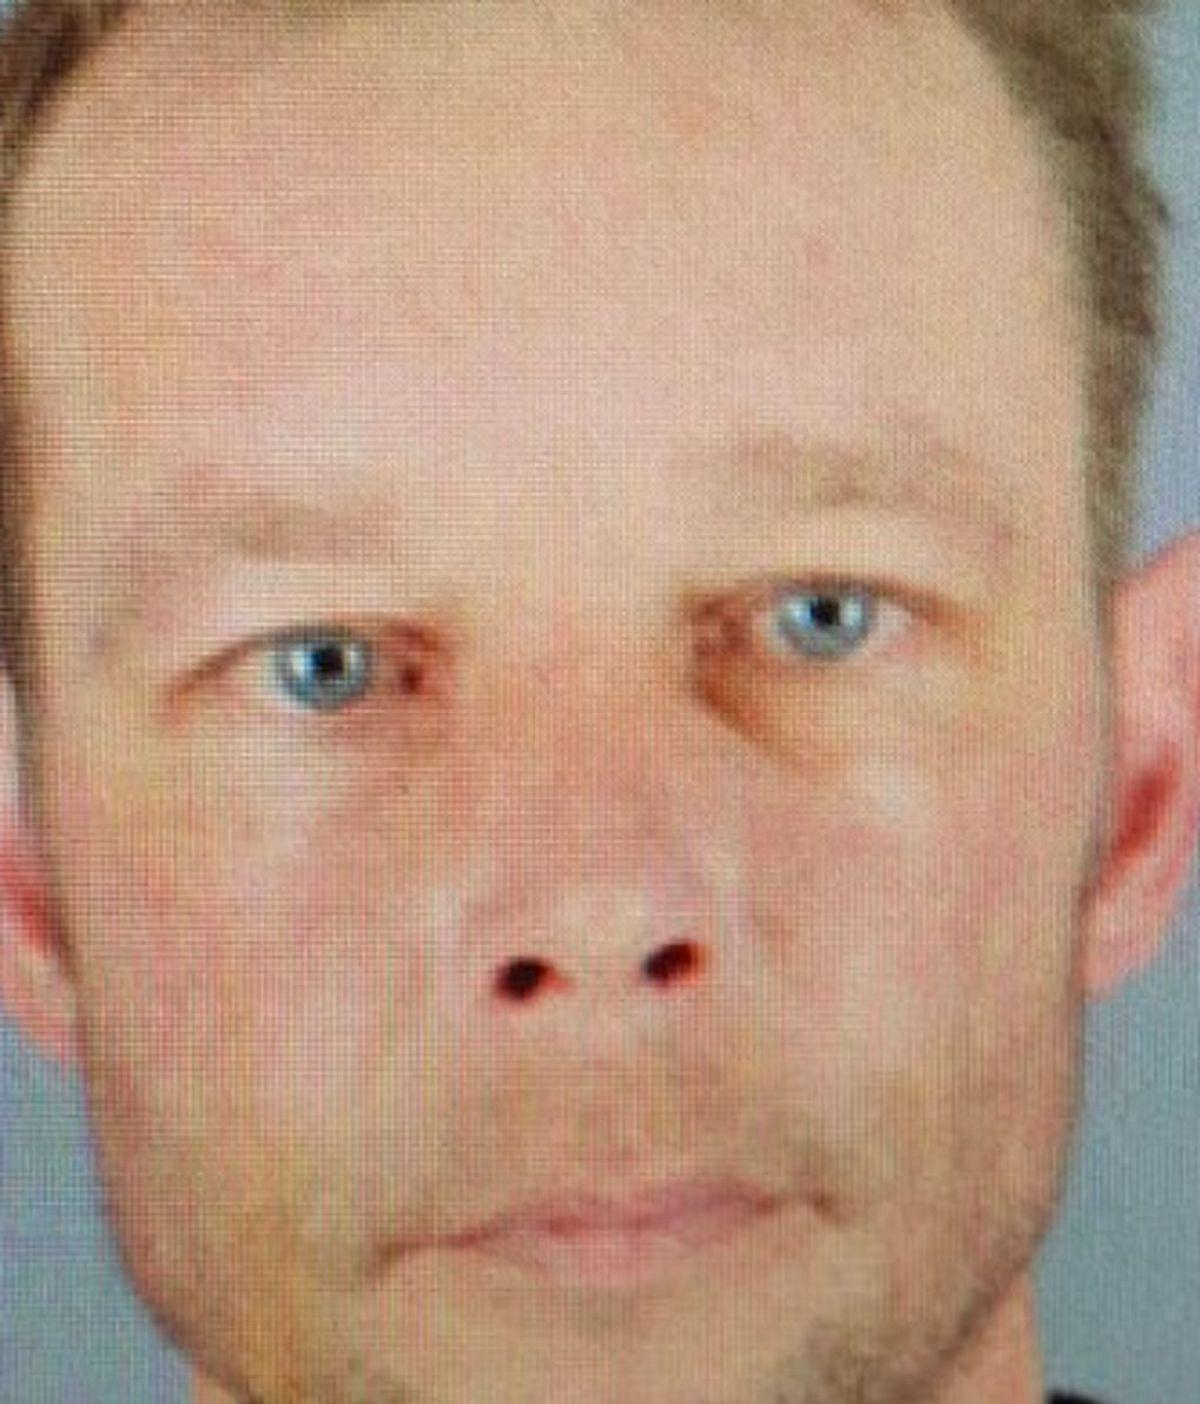 Christian Brueckner fantaseó con abusar de un pequeño y ahora se teme que pueda quedar libre